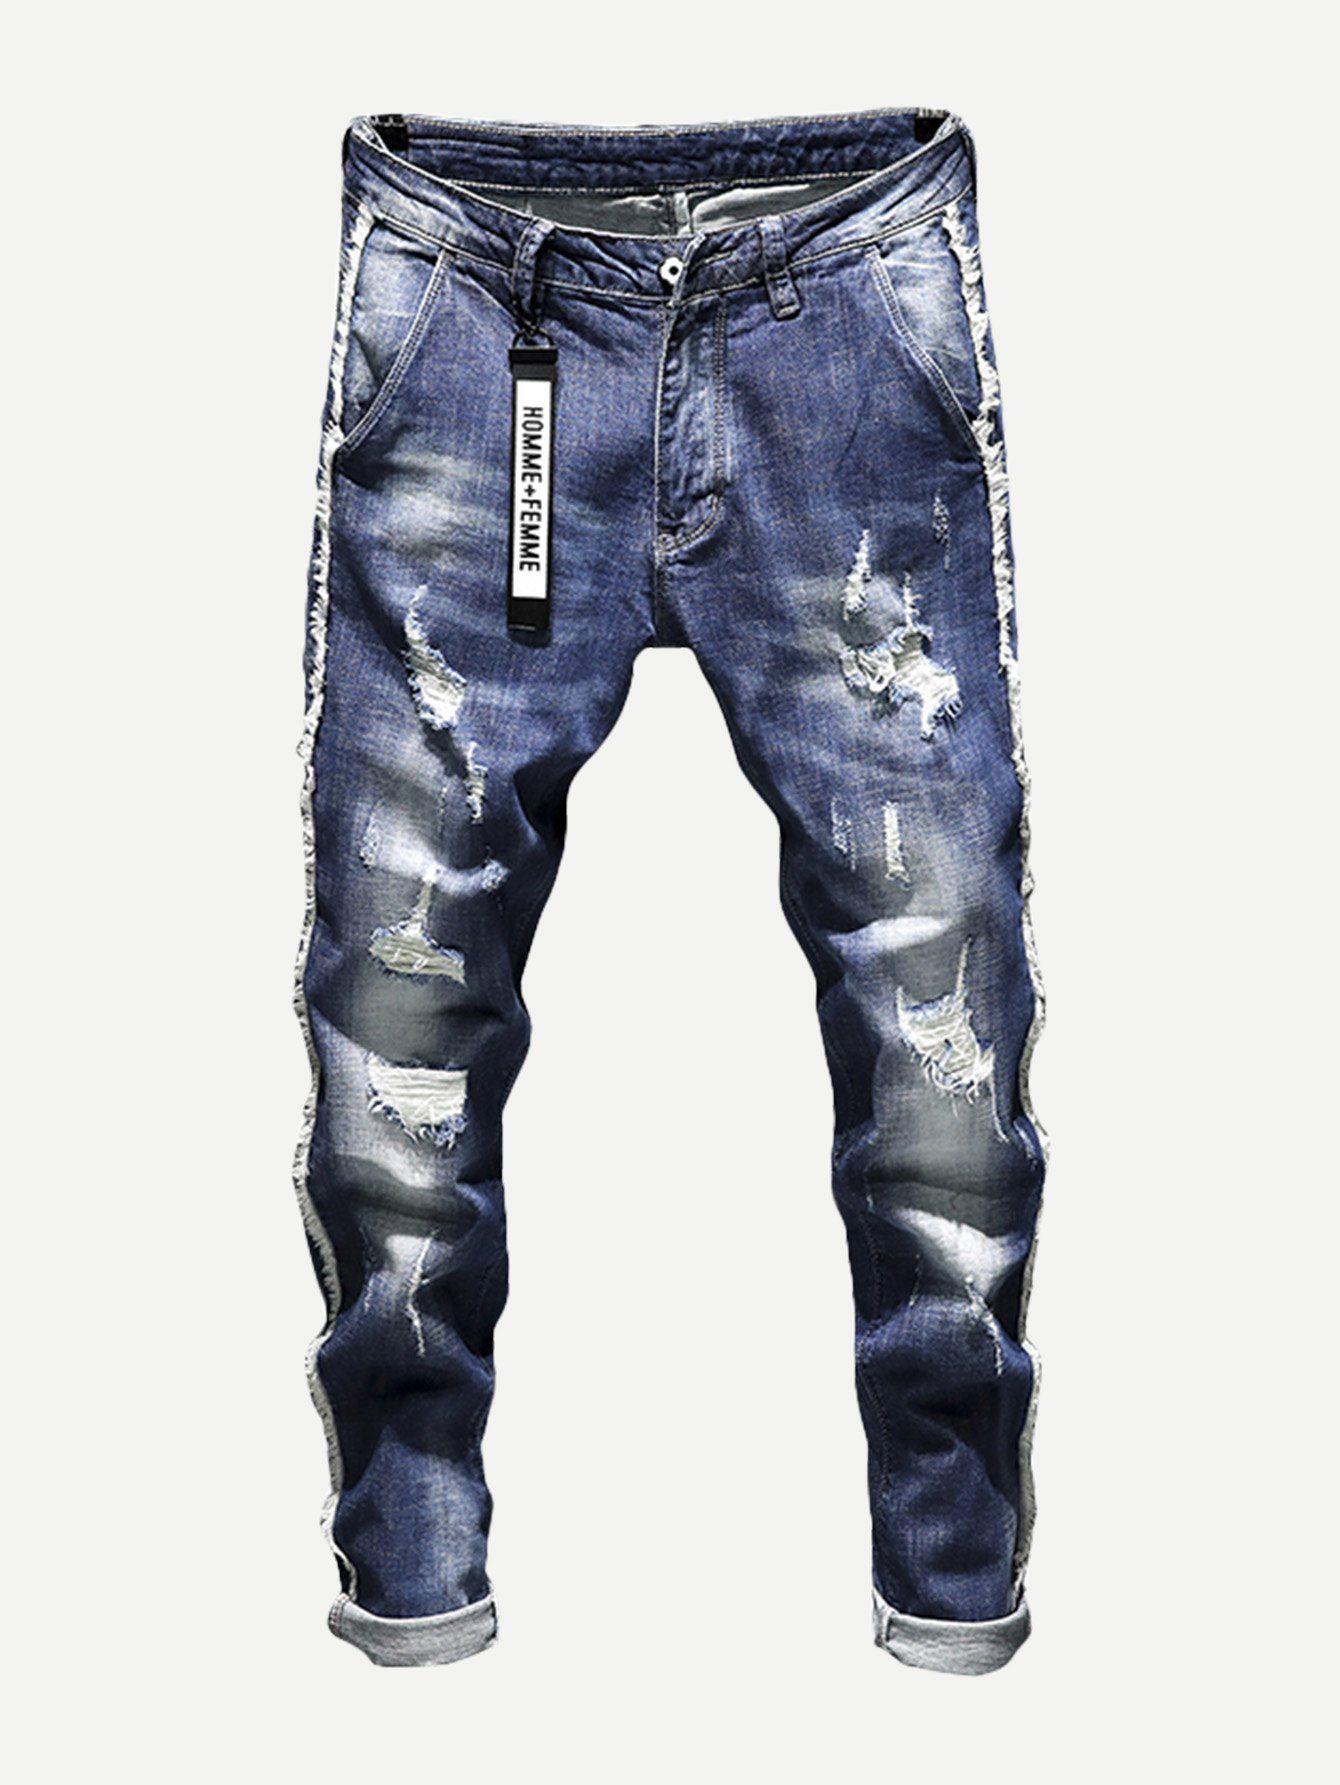 604131fe Guys Wash Rolled Hem Destroyed Jeans in 2019 | KOG: Demetrius ...